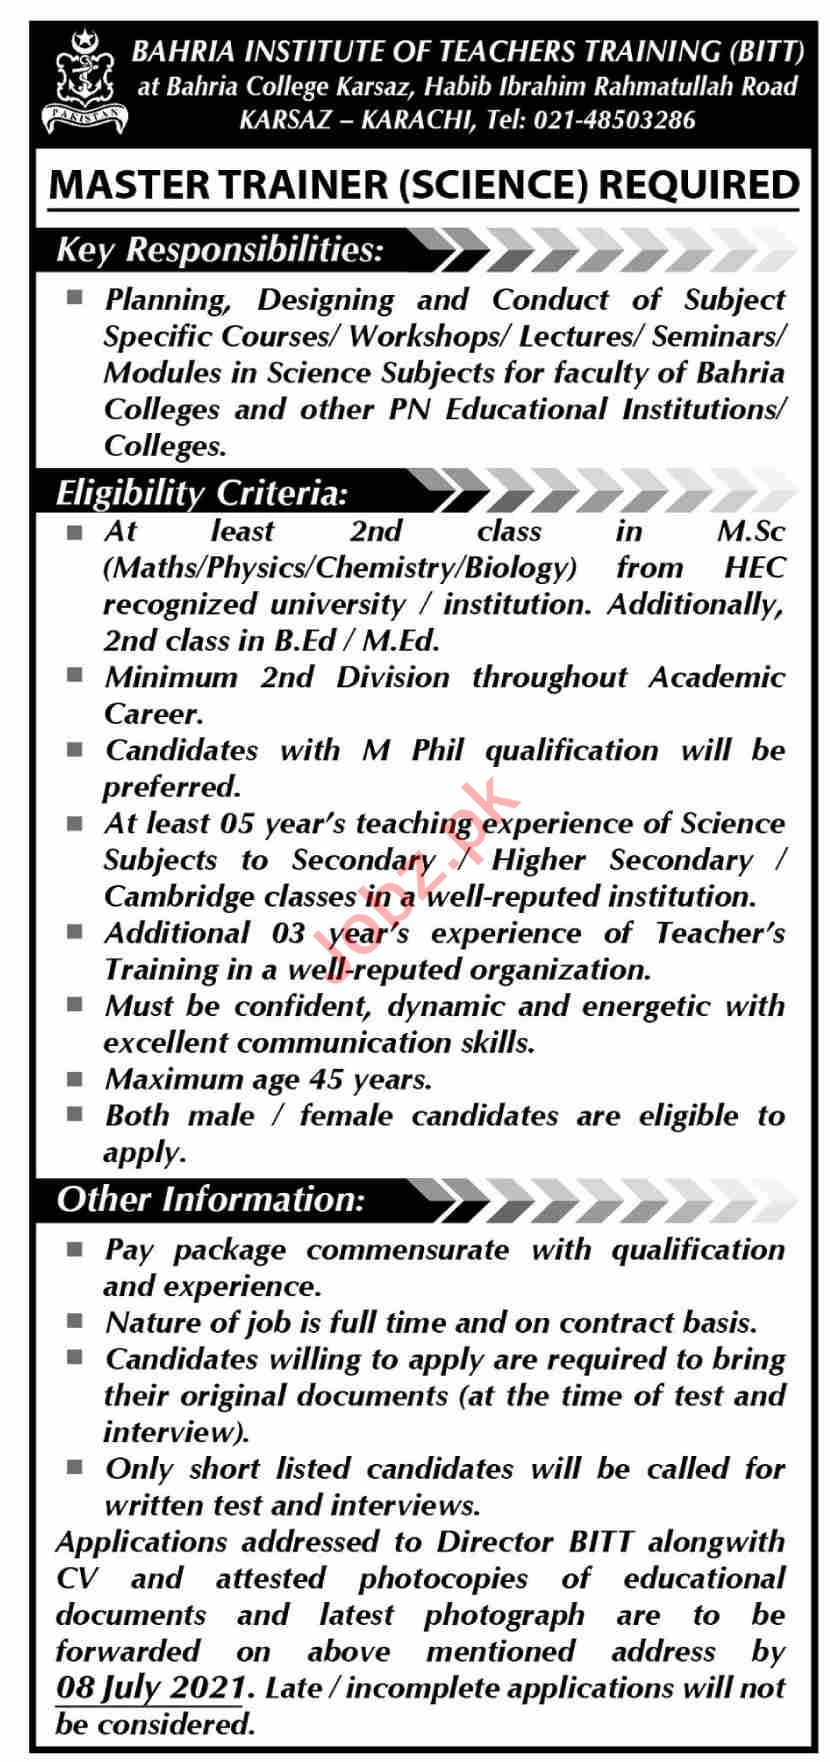 Bahria Institute of Teachers Training BITT Karsaz Jobs 2021